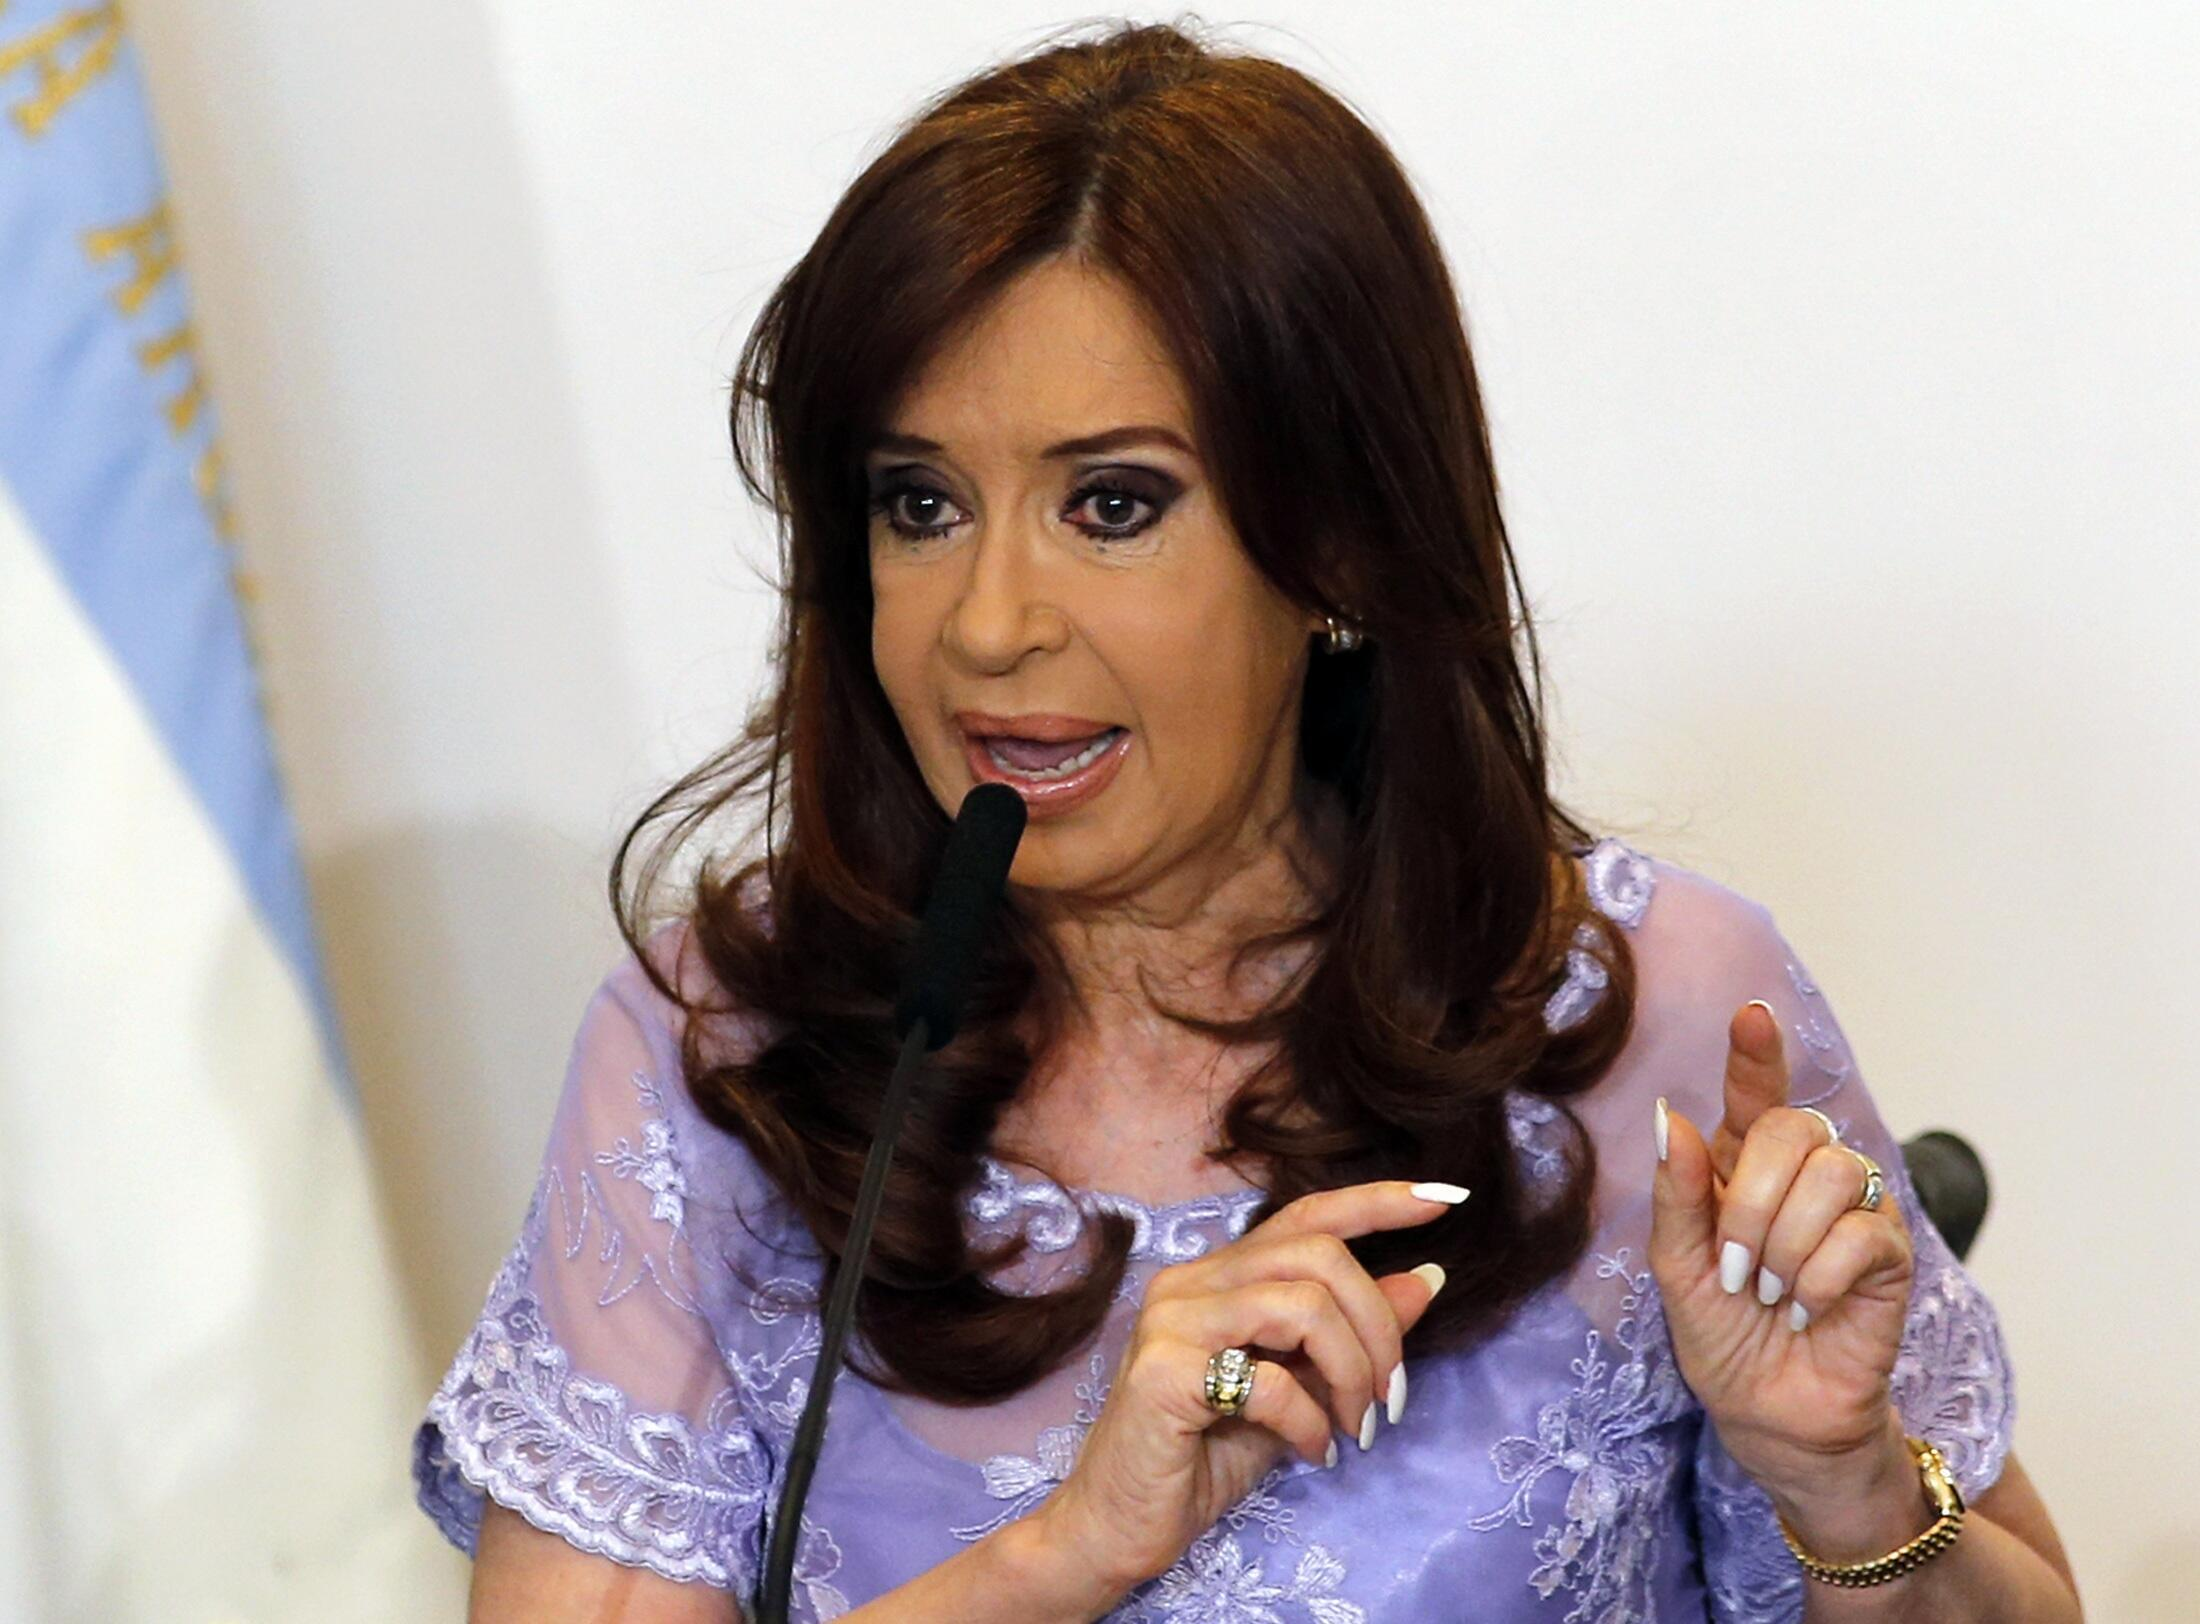 Mandado de prisão contra Kirchner foi encontrado na casa do procurador Alberto Nisman, morto em janeiro na Argentina.